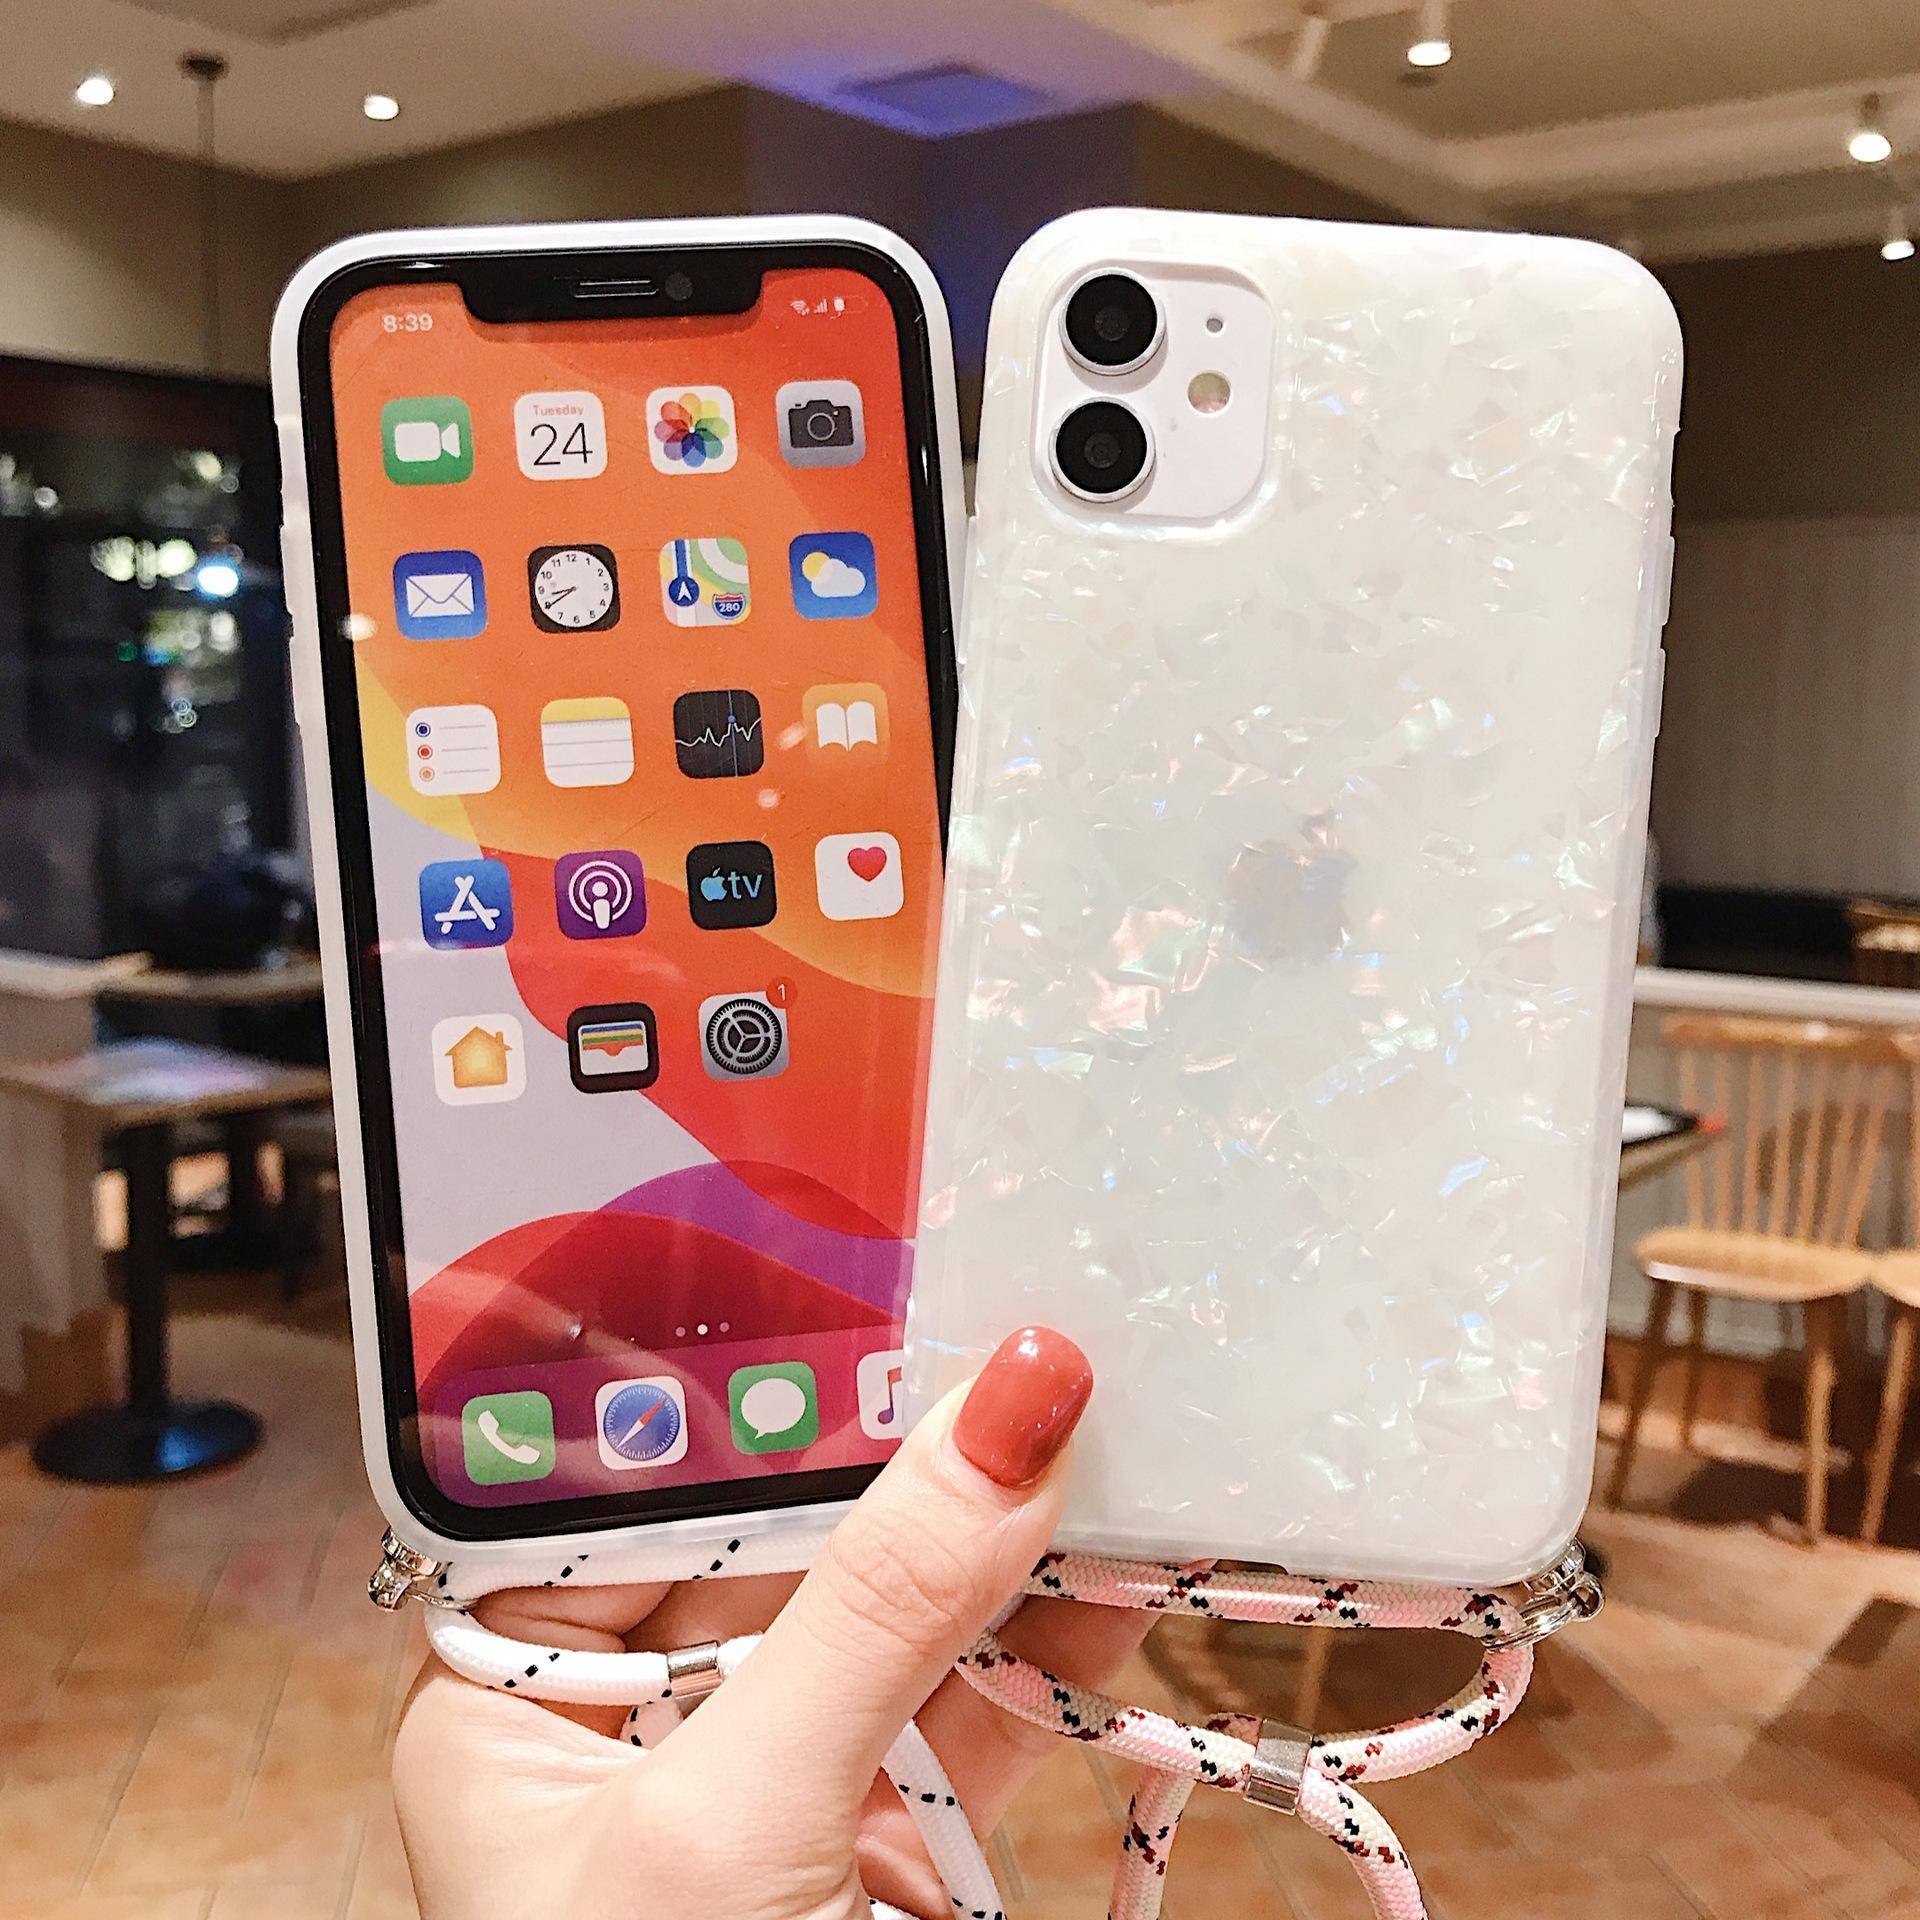 Snake Designer-Telefon Kasten für IPhone Max 11 Xr 8 7 6 Plus Haut Shell Abdeckung für für Samsung S20 Plus Ultra S10 Plus-e